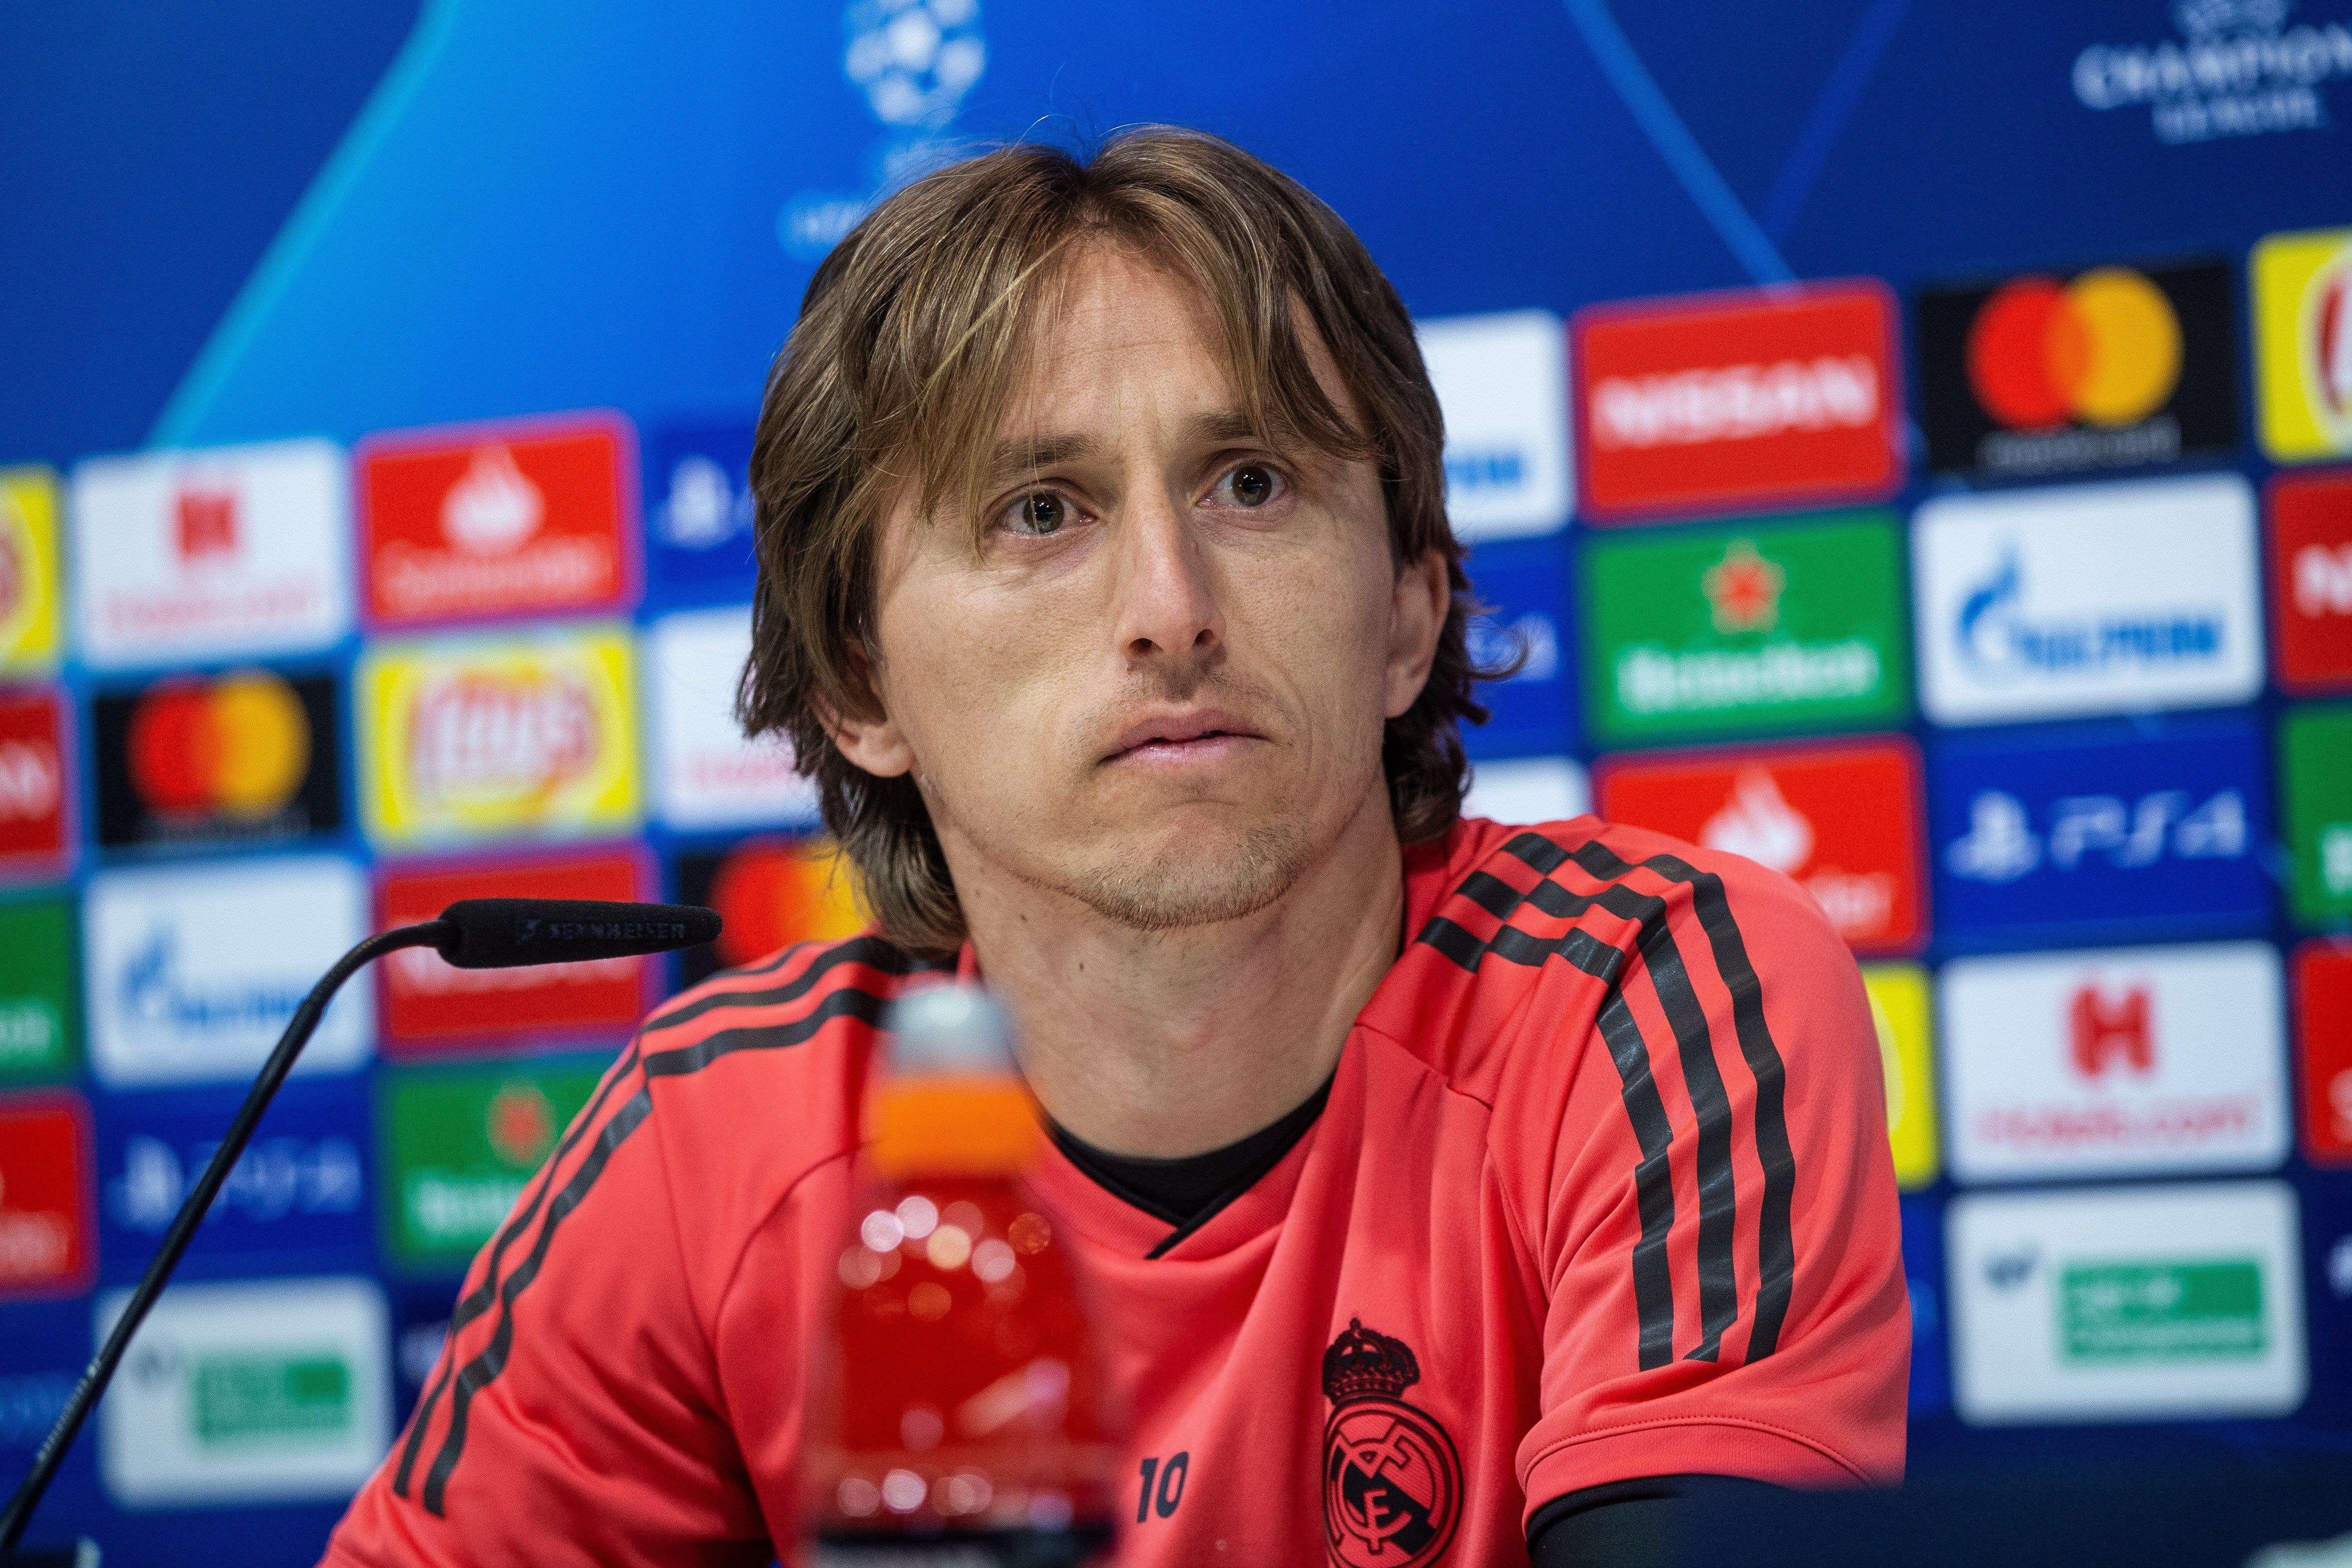 Luka Modric, durante la rueda de prensa tras el entrenamiento previo al partido de Liga de Campeones frente al Ajax, esta mañana. / EFE